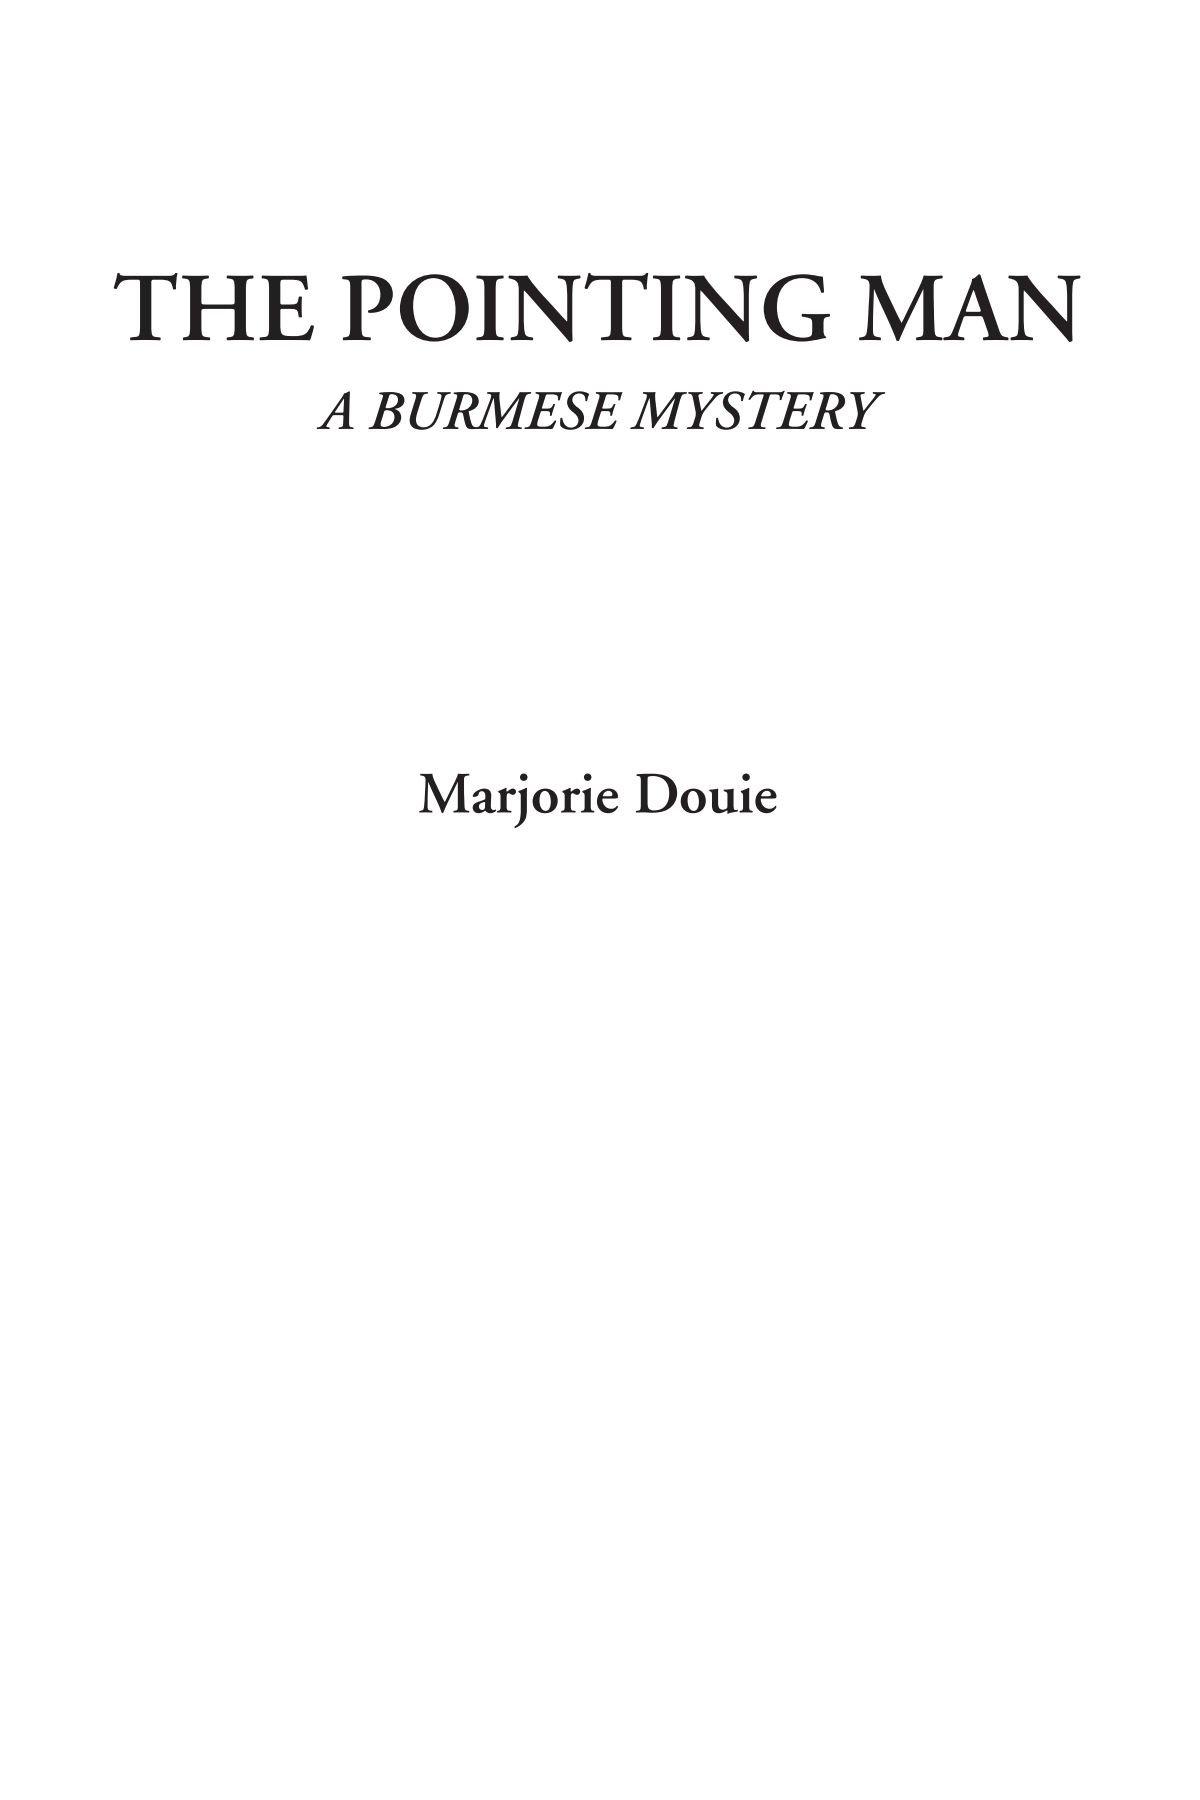 The Pointing Man (A Burmese Mystery) ebook